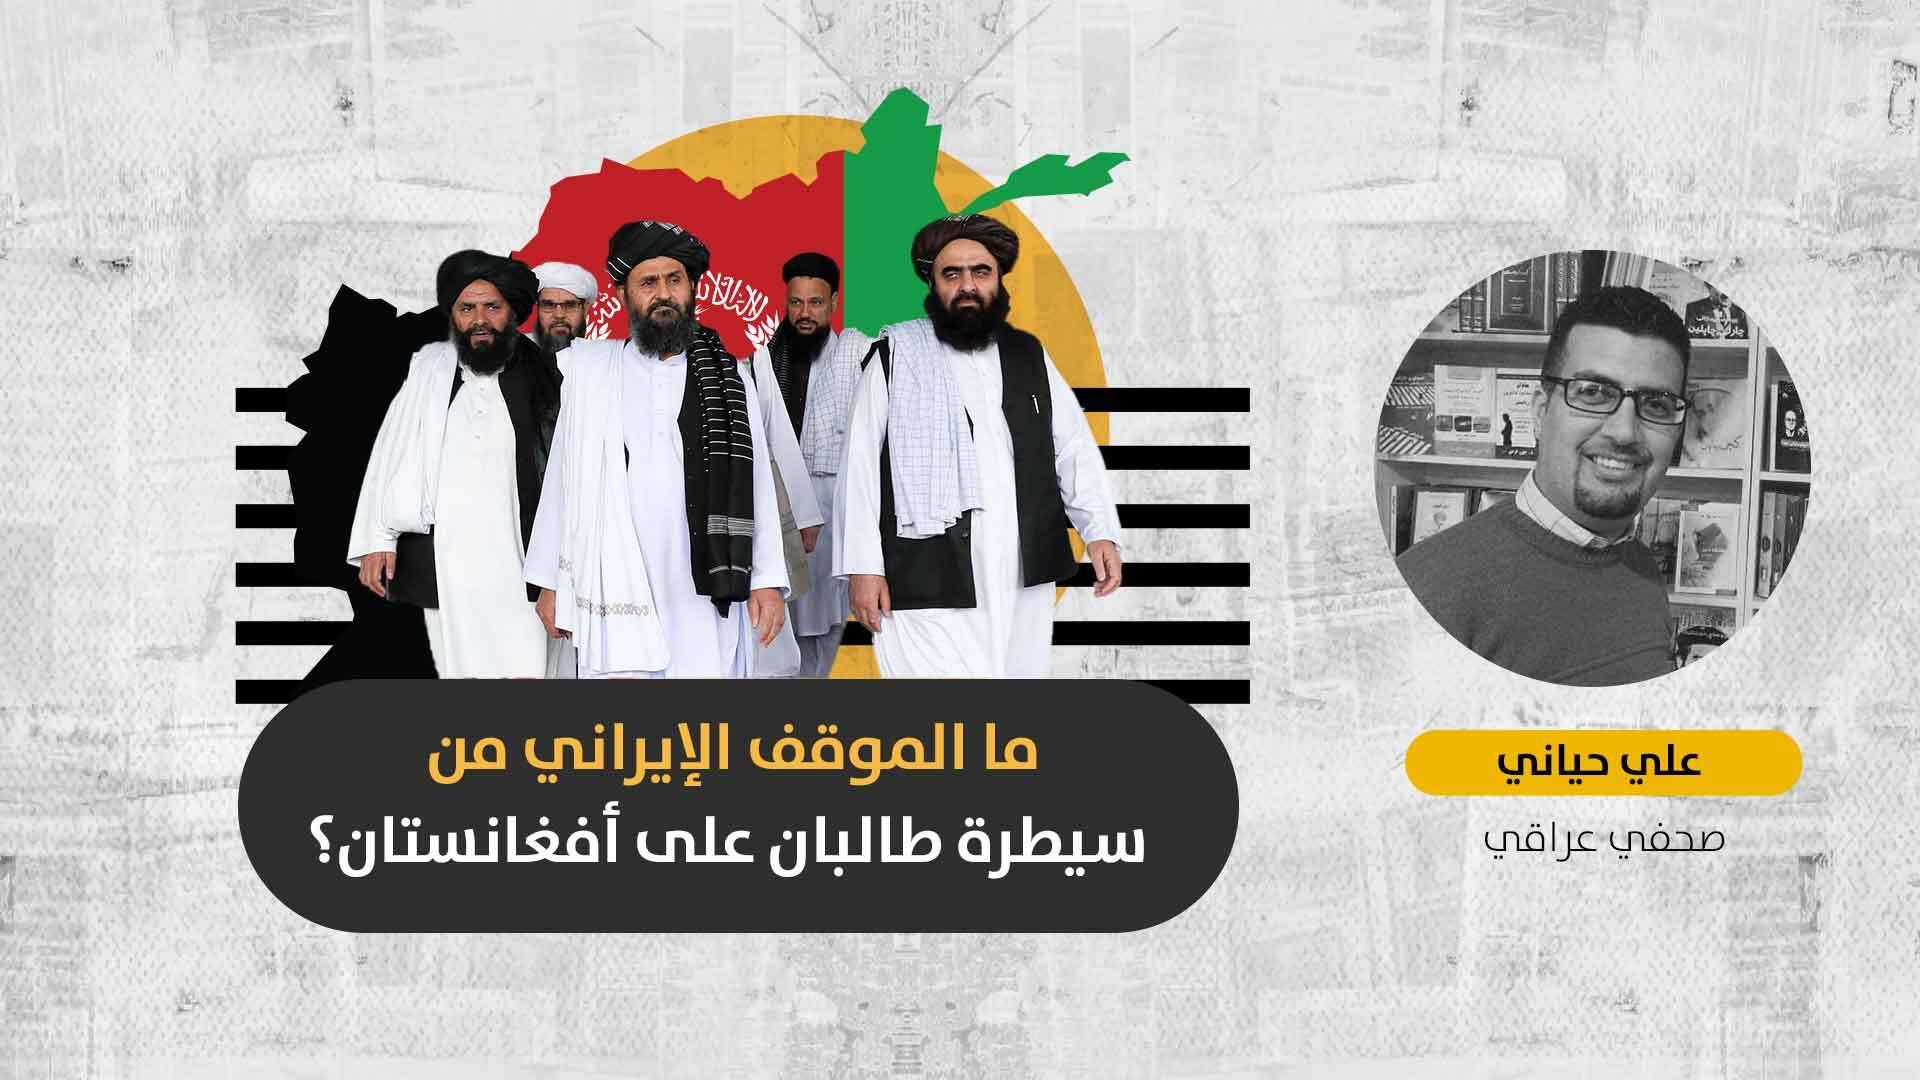 إيران وعودة طالبان إلى الحكم: هل التغيير في كابل يحقق مصالح حكّام طهران؟